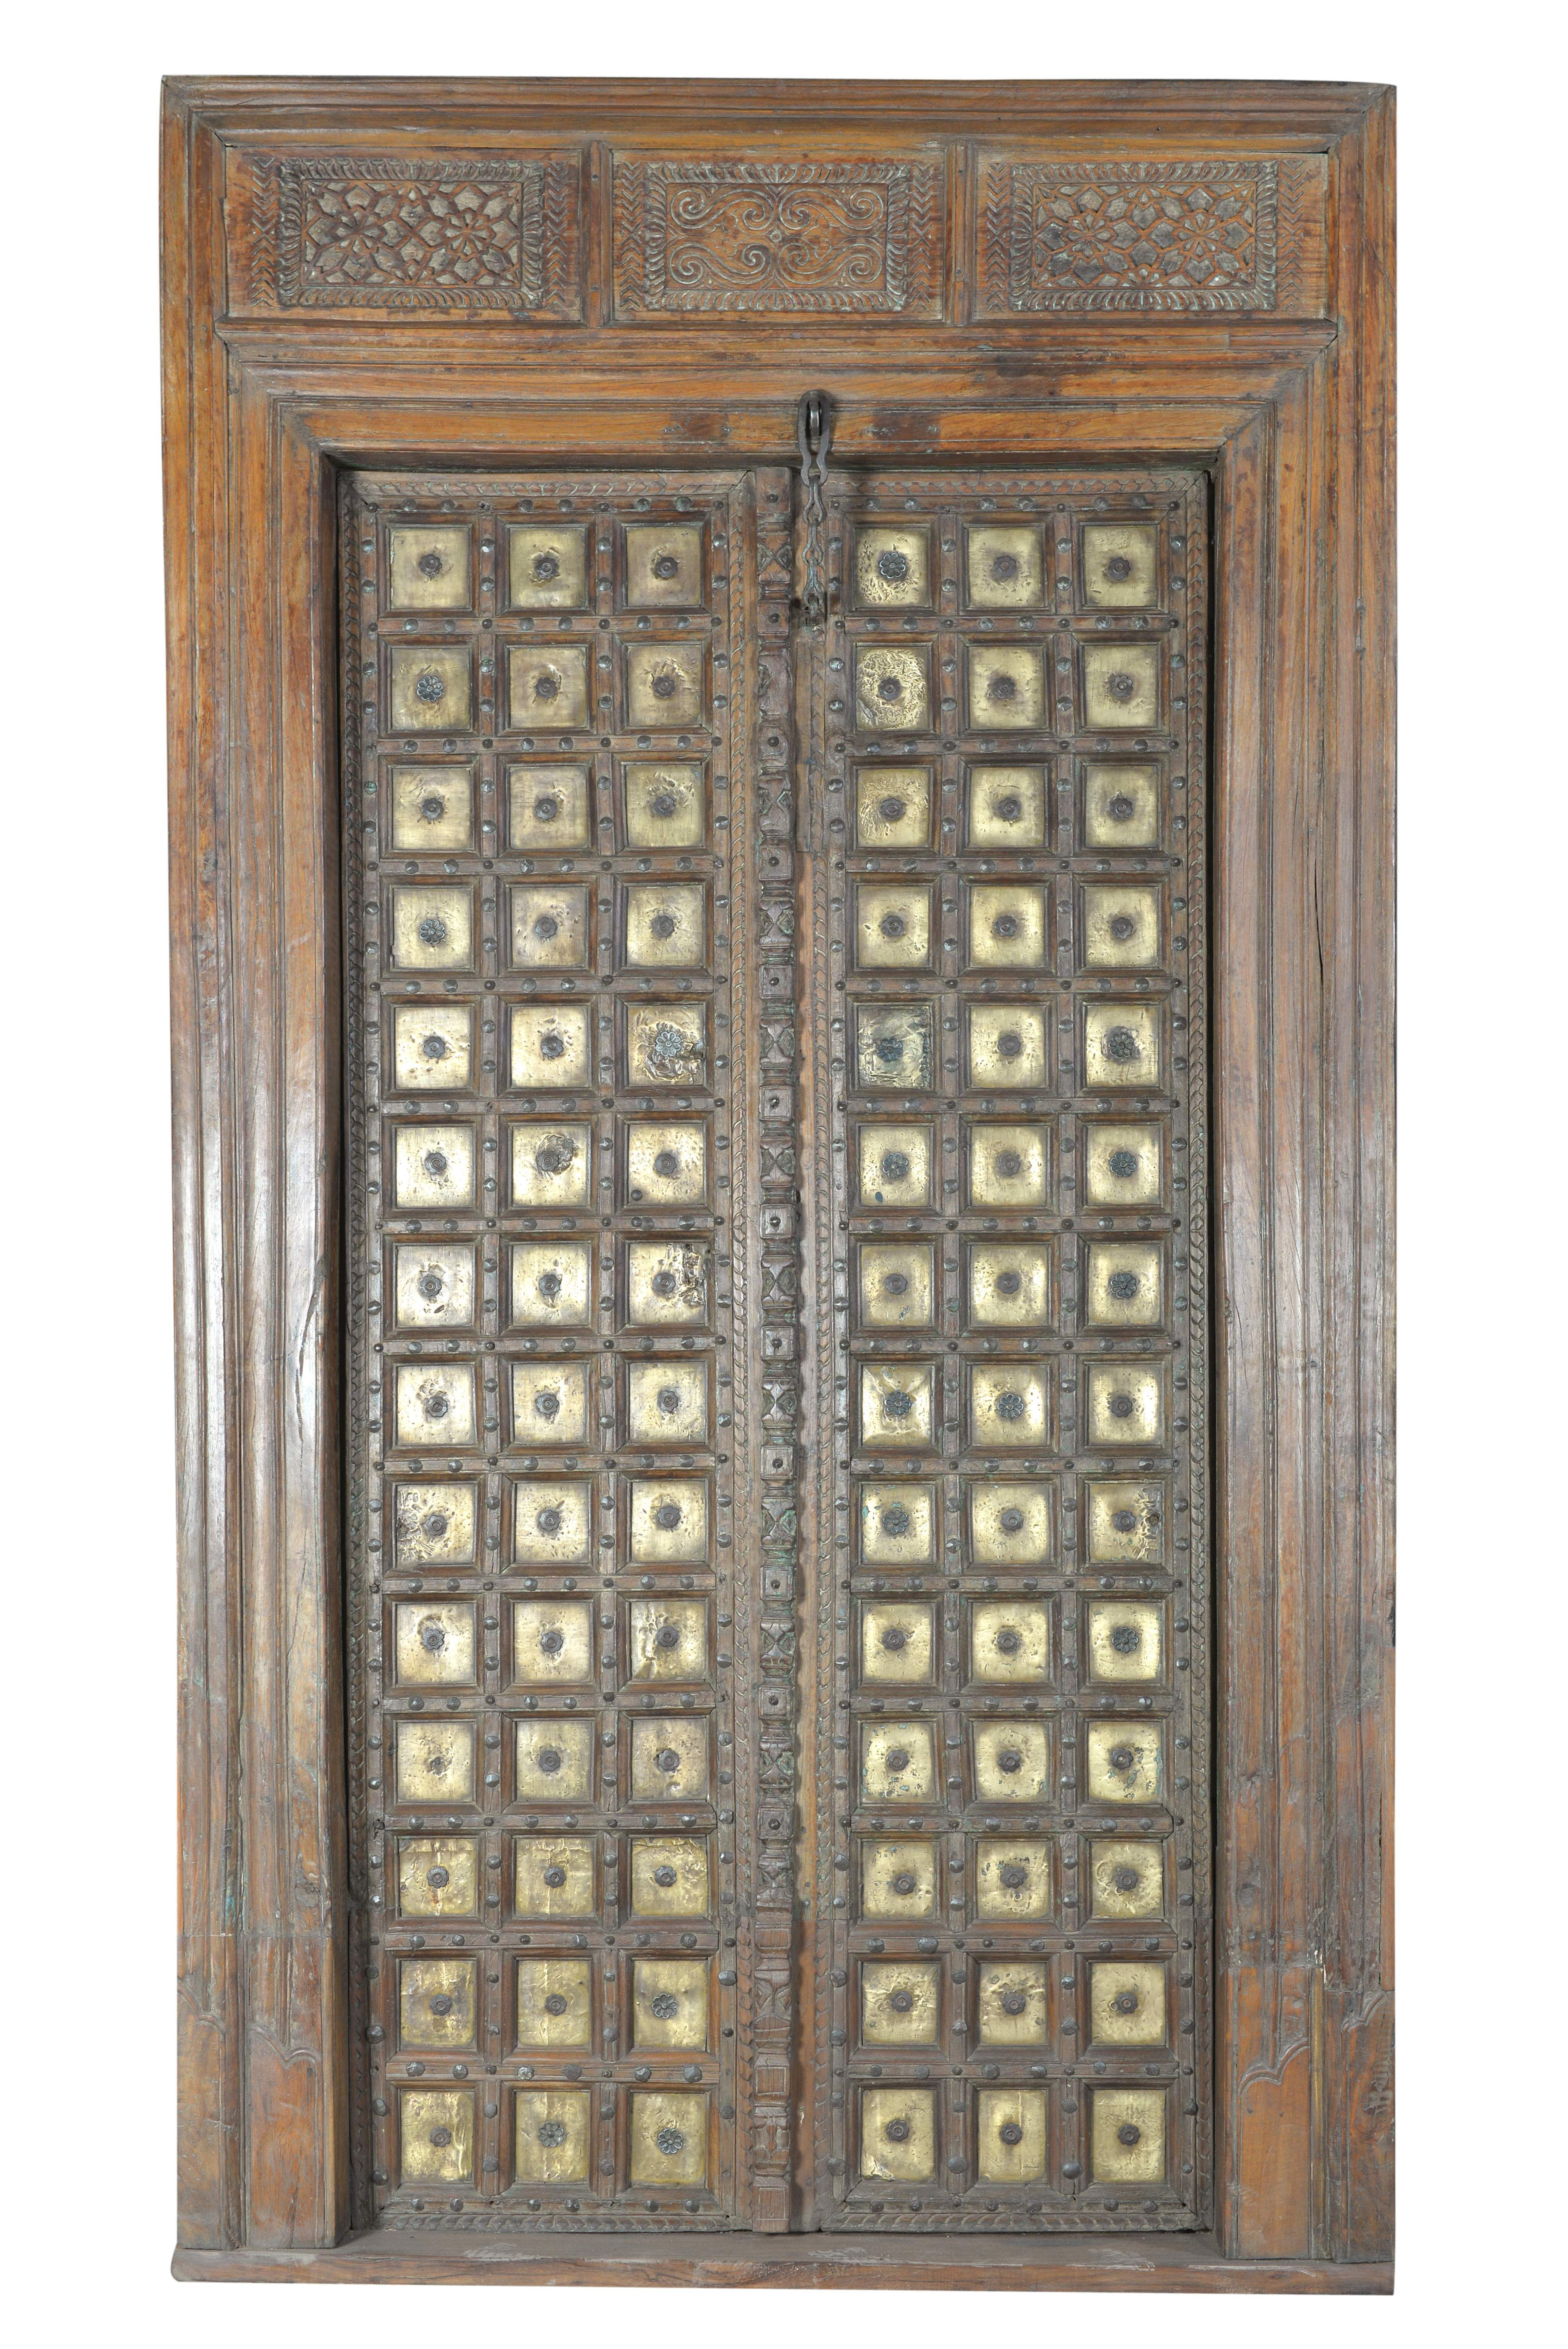 Puerta con marco Antigüedad: 80-90 años Origen: Rajastán Material ...